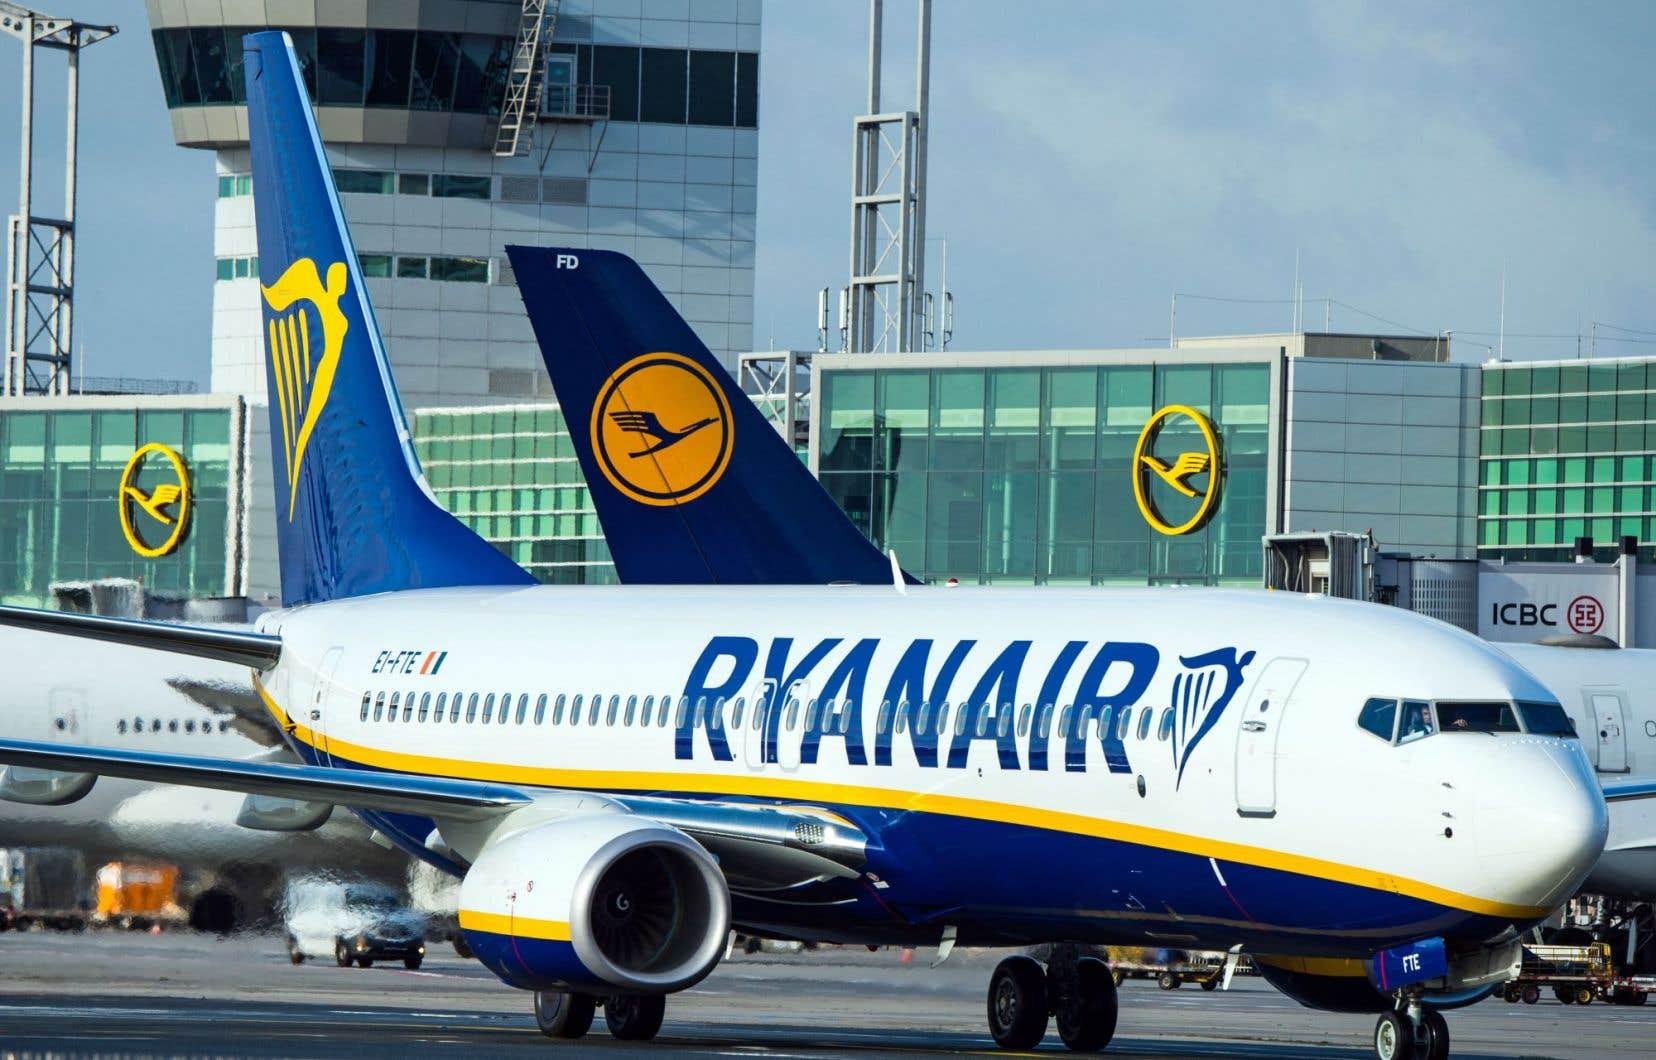 Dans les années 1990 et 2000, Ryanair s'était fait la réputation d'une compagnie peu chère, mais aussi peu aimable avec ses passagers.